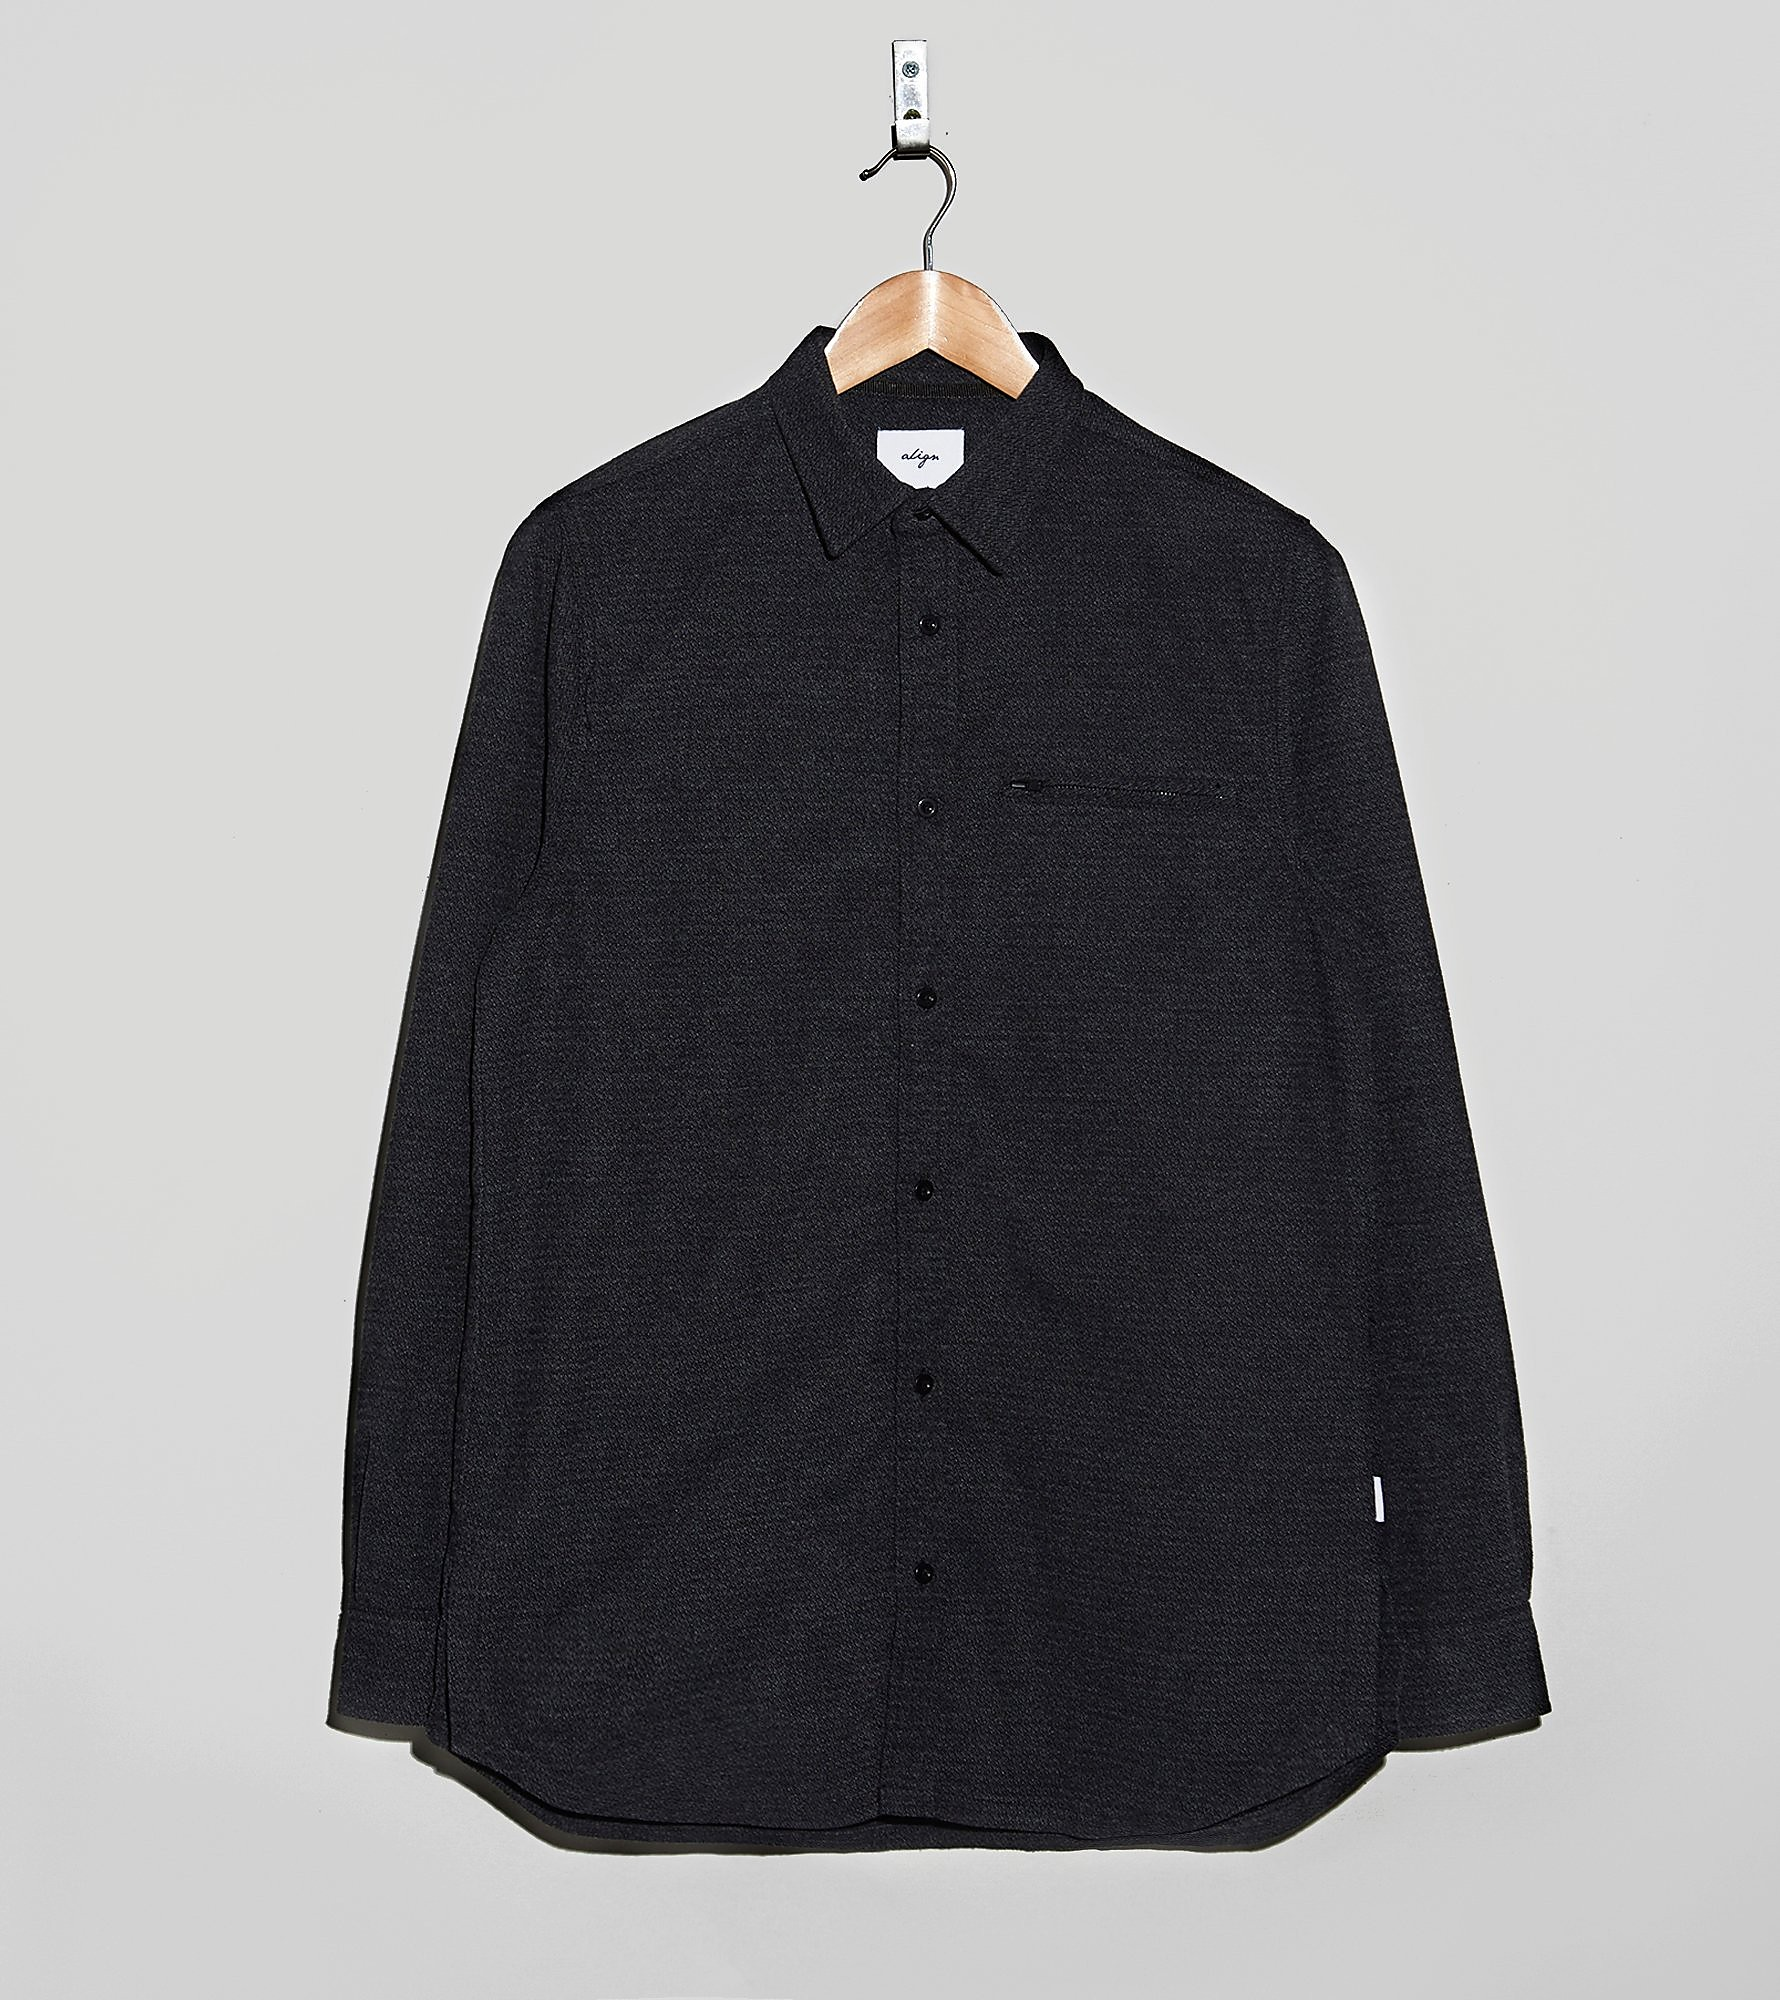 align Nova Classic Shirt